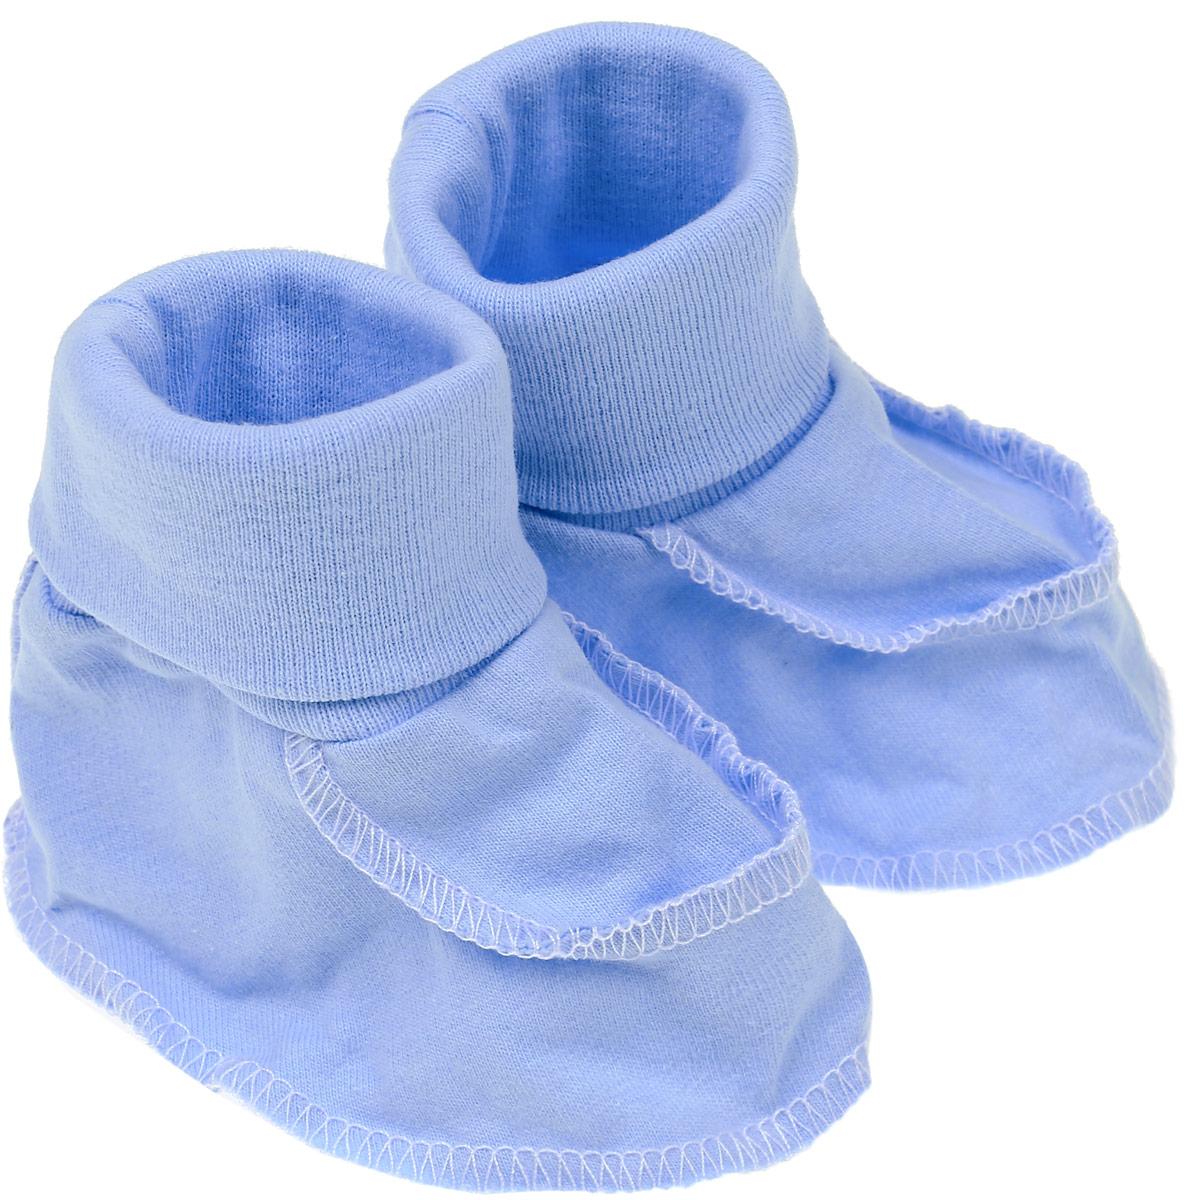 5902Пинетки Чудесные одежки изготовлены из натурального хлопка. Они не раздражают нежную кожу ребенка. Широкая эластичная резинке не стягивают ножки. Швы в пинетках выполнены на лицевую сторону.